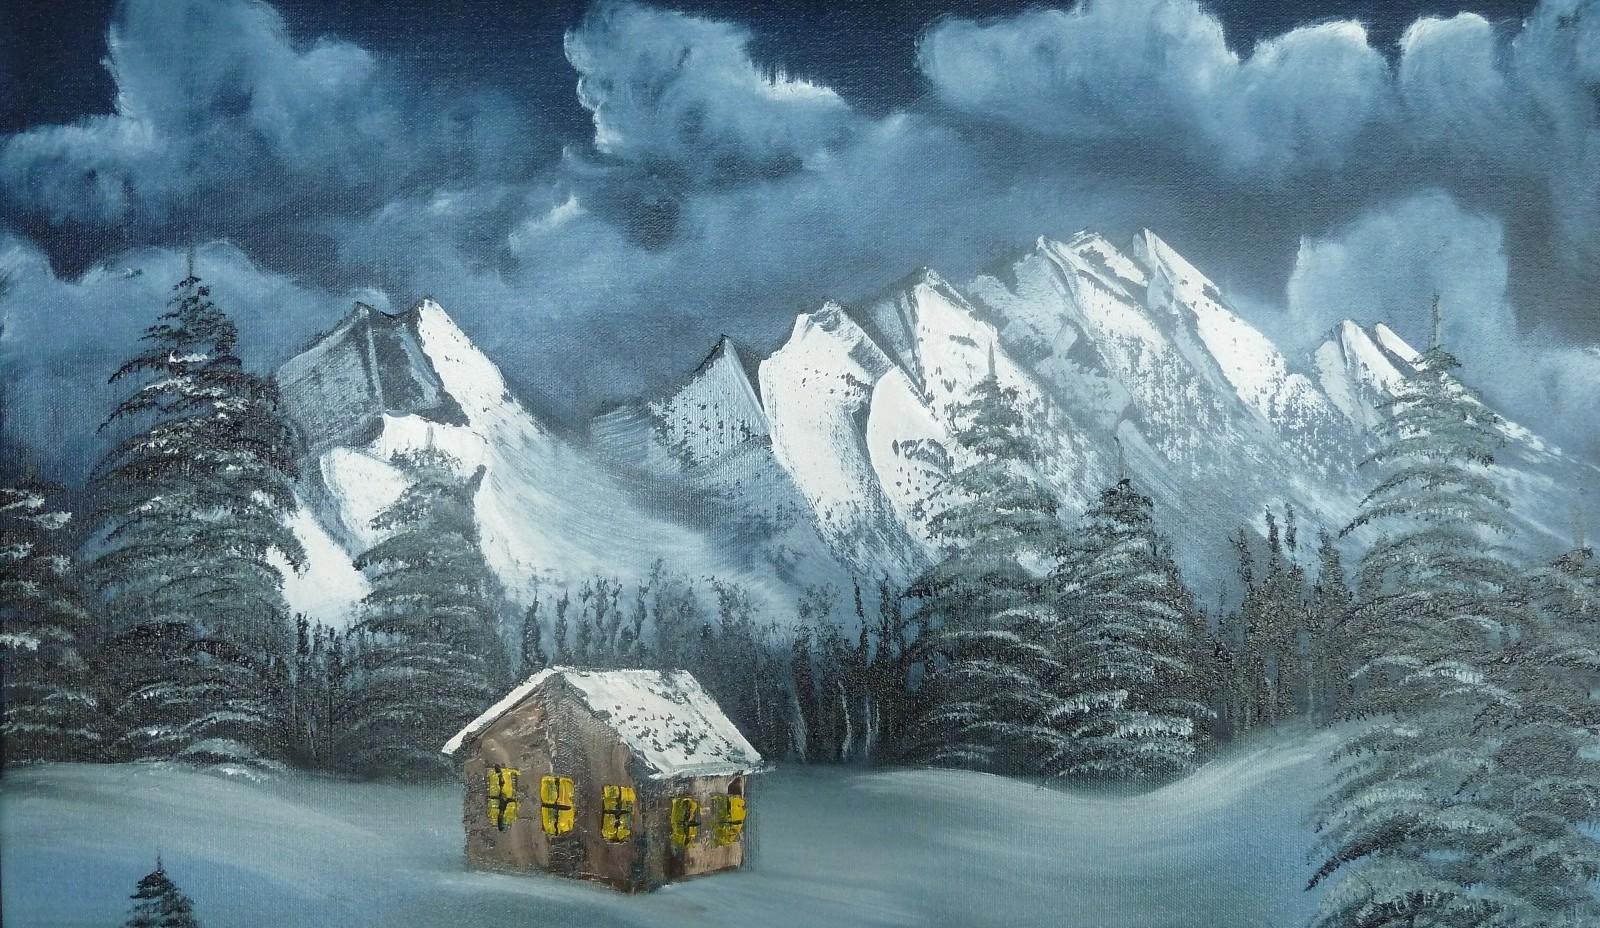 Malen in Böhl-Iggelheim - Landschaft-Malen wie Bob Ross